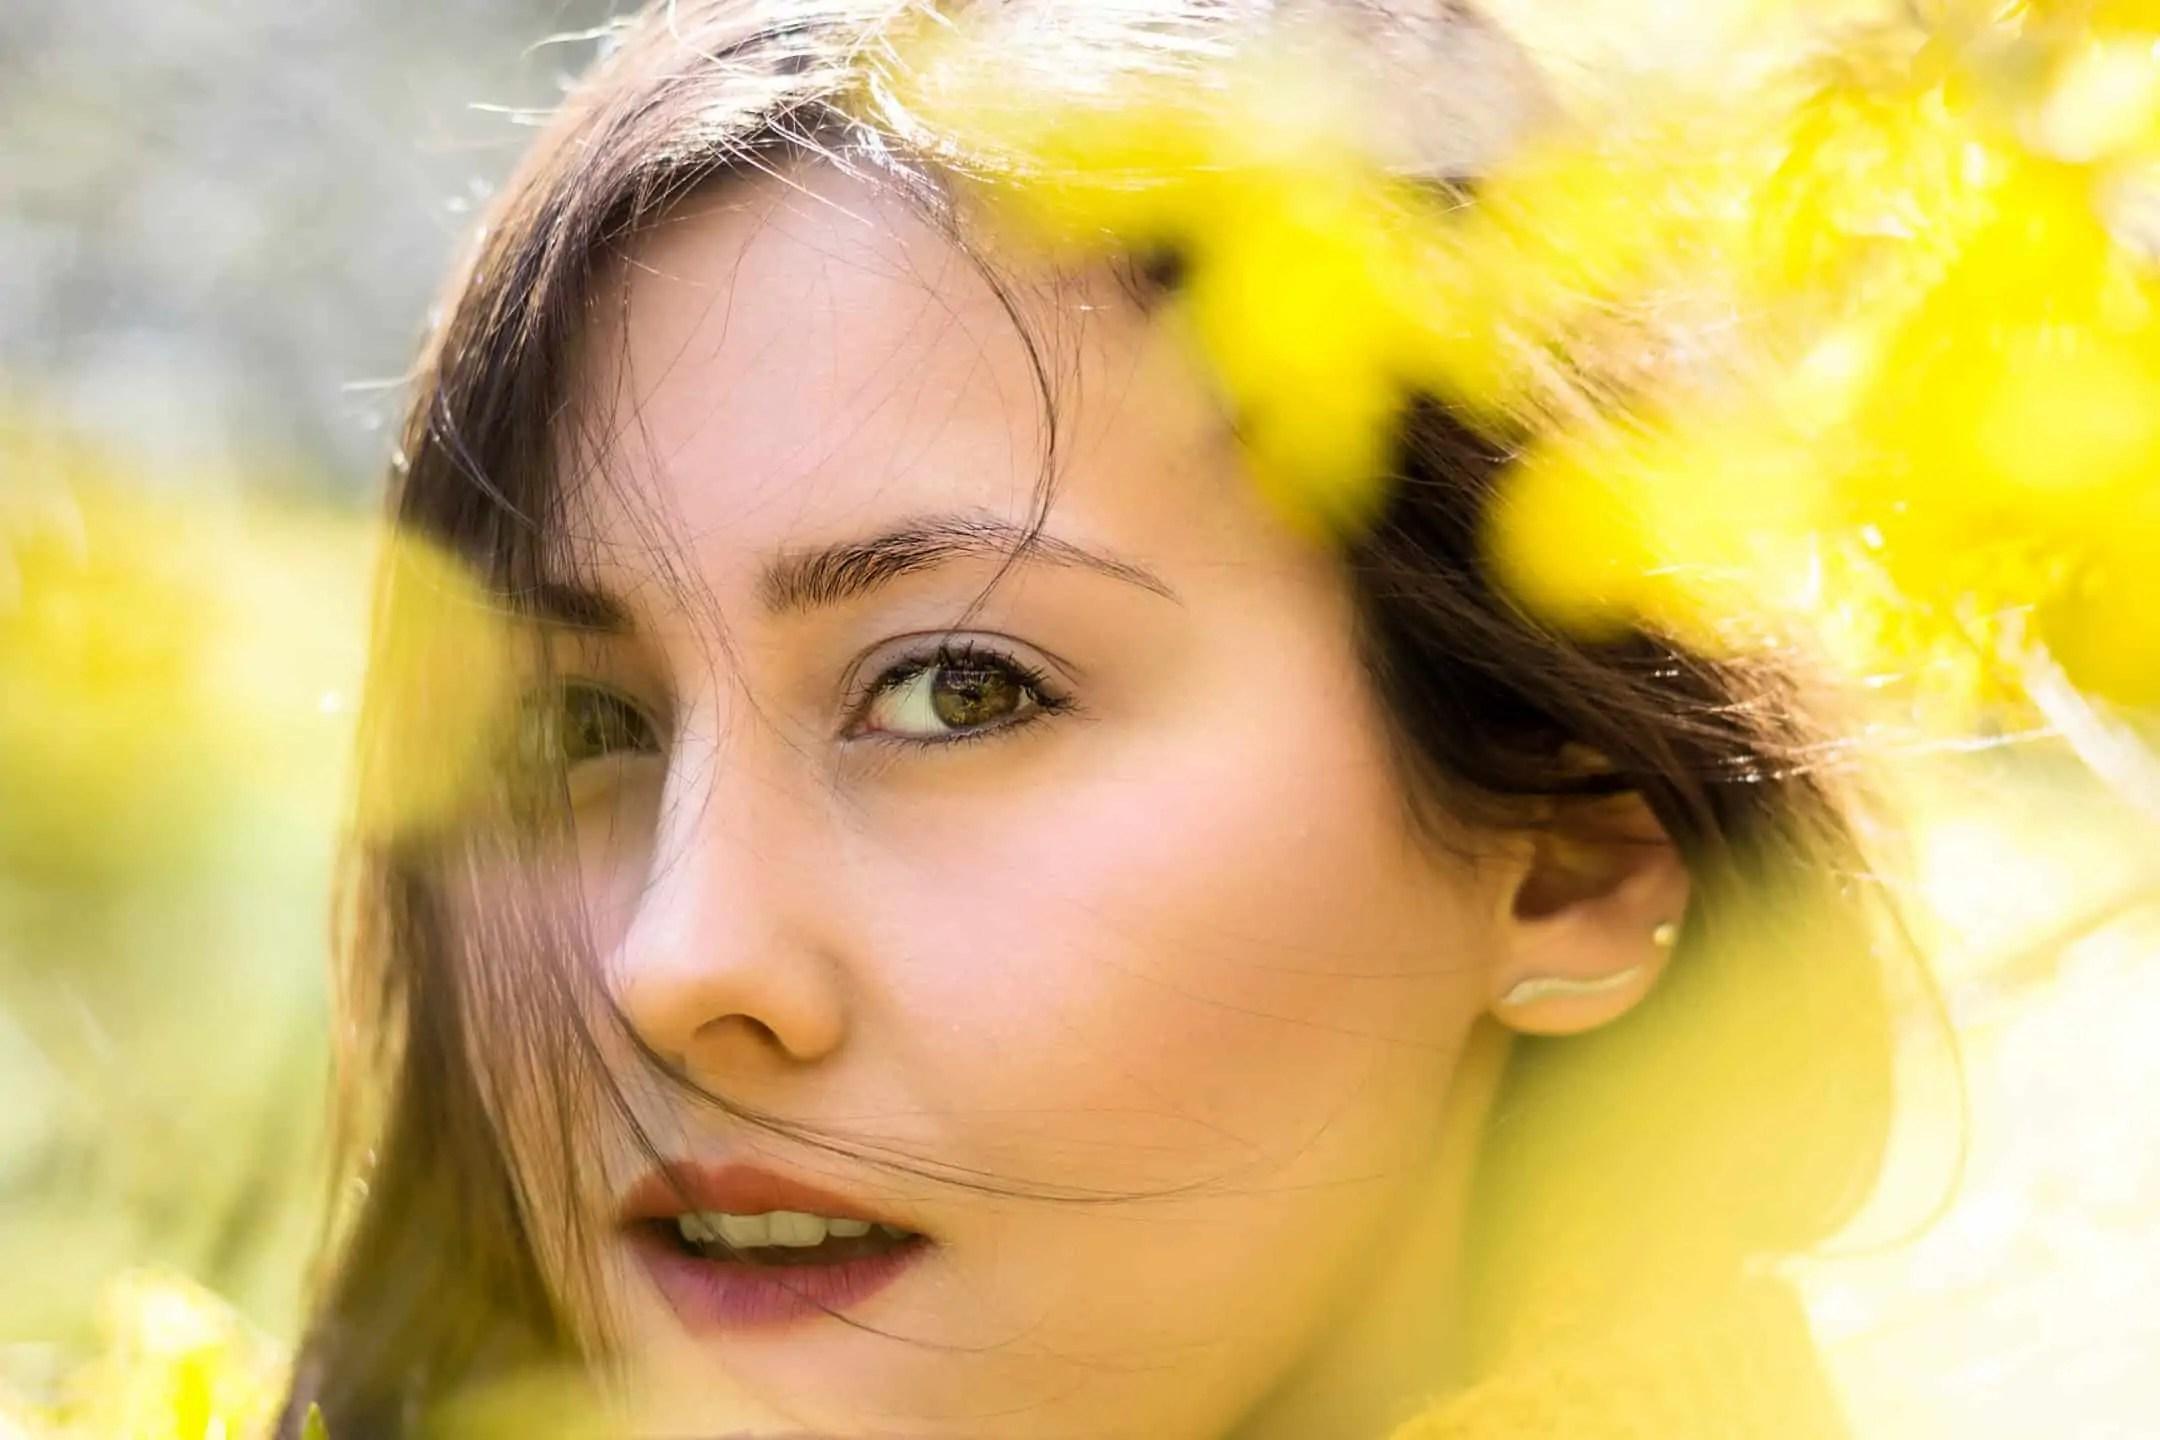 Wiosenny portret moda i kwiaty la Ell 5 - Plenerowa sesja portretowa